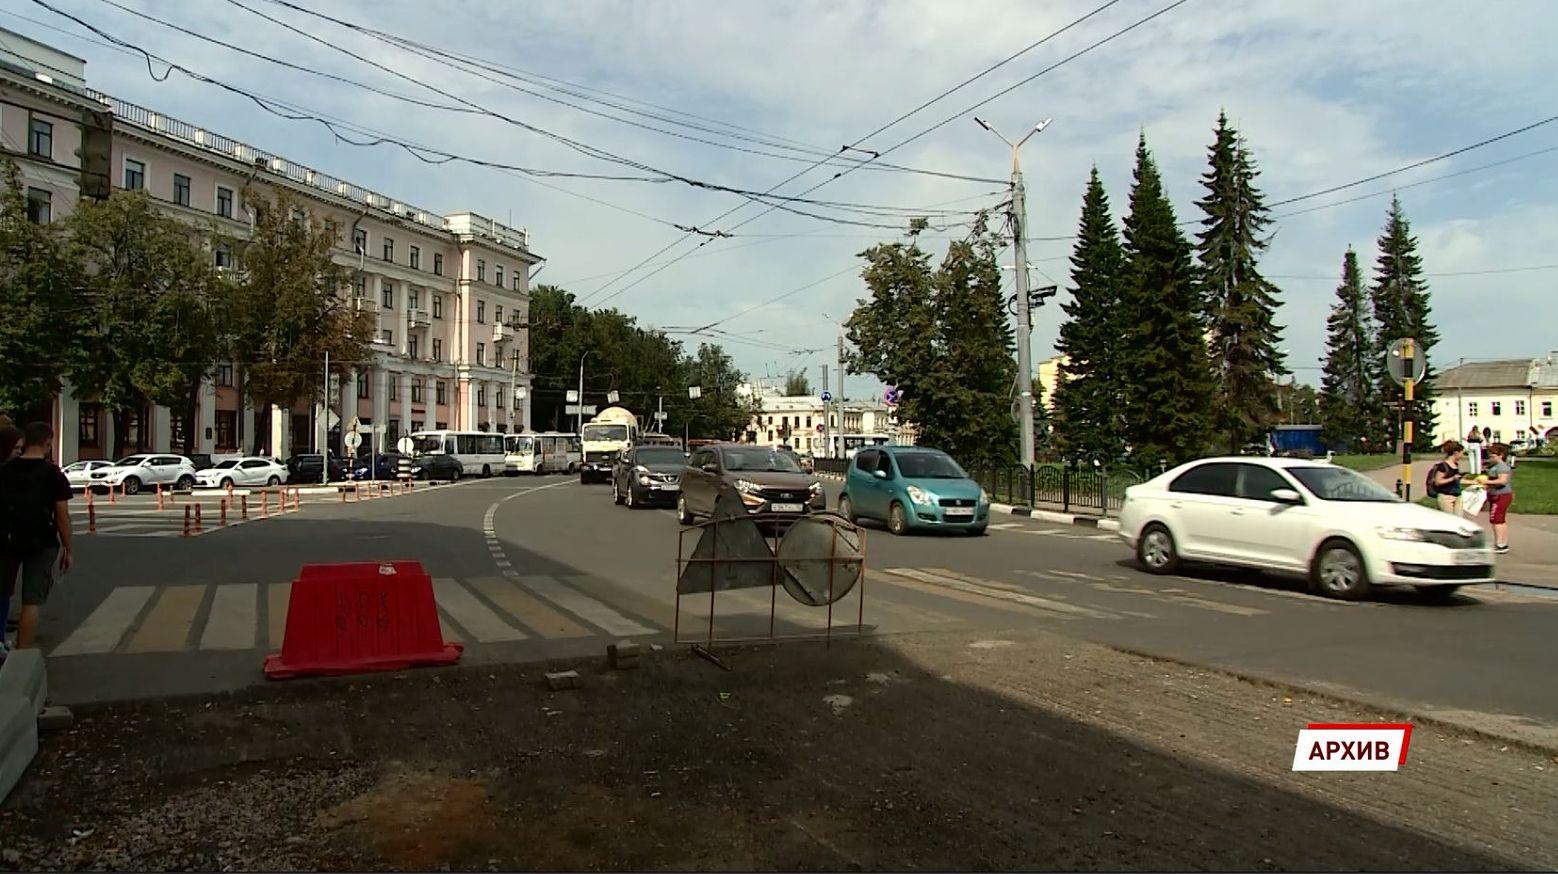 Когда будет завершен ремонт на Комсомольской улице в Ярославле?